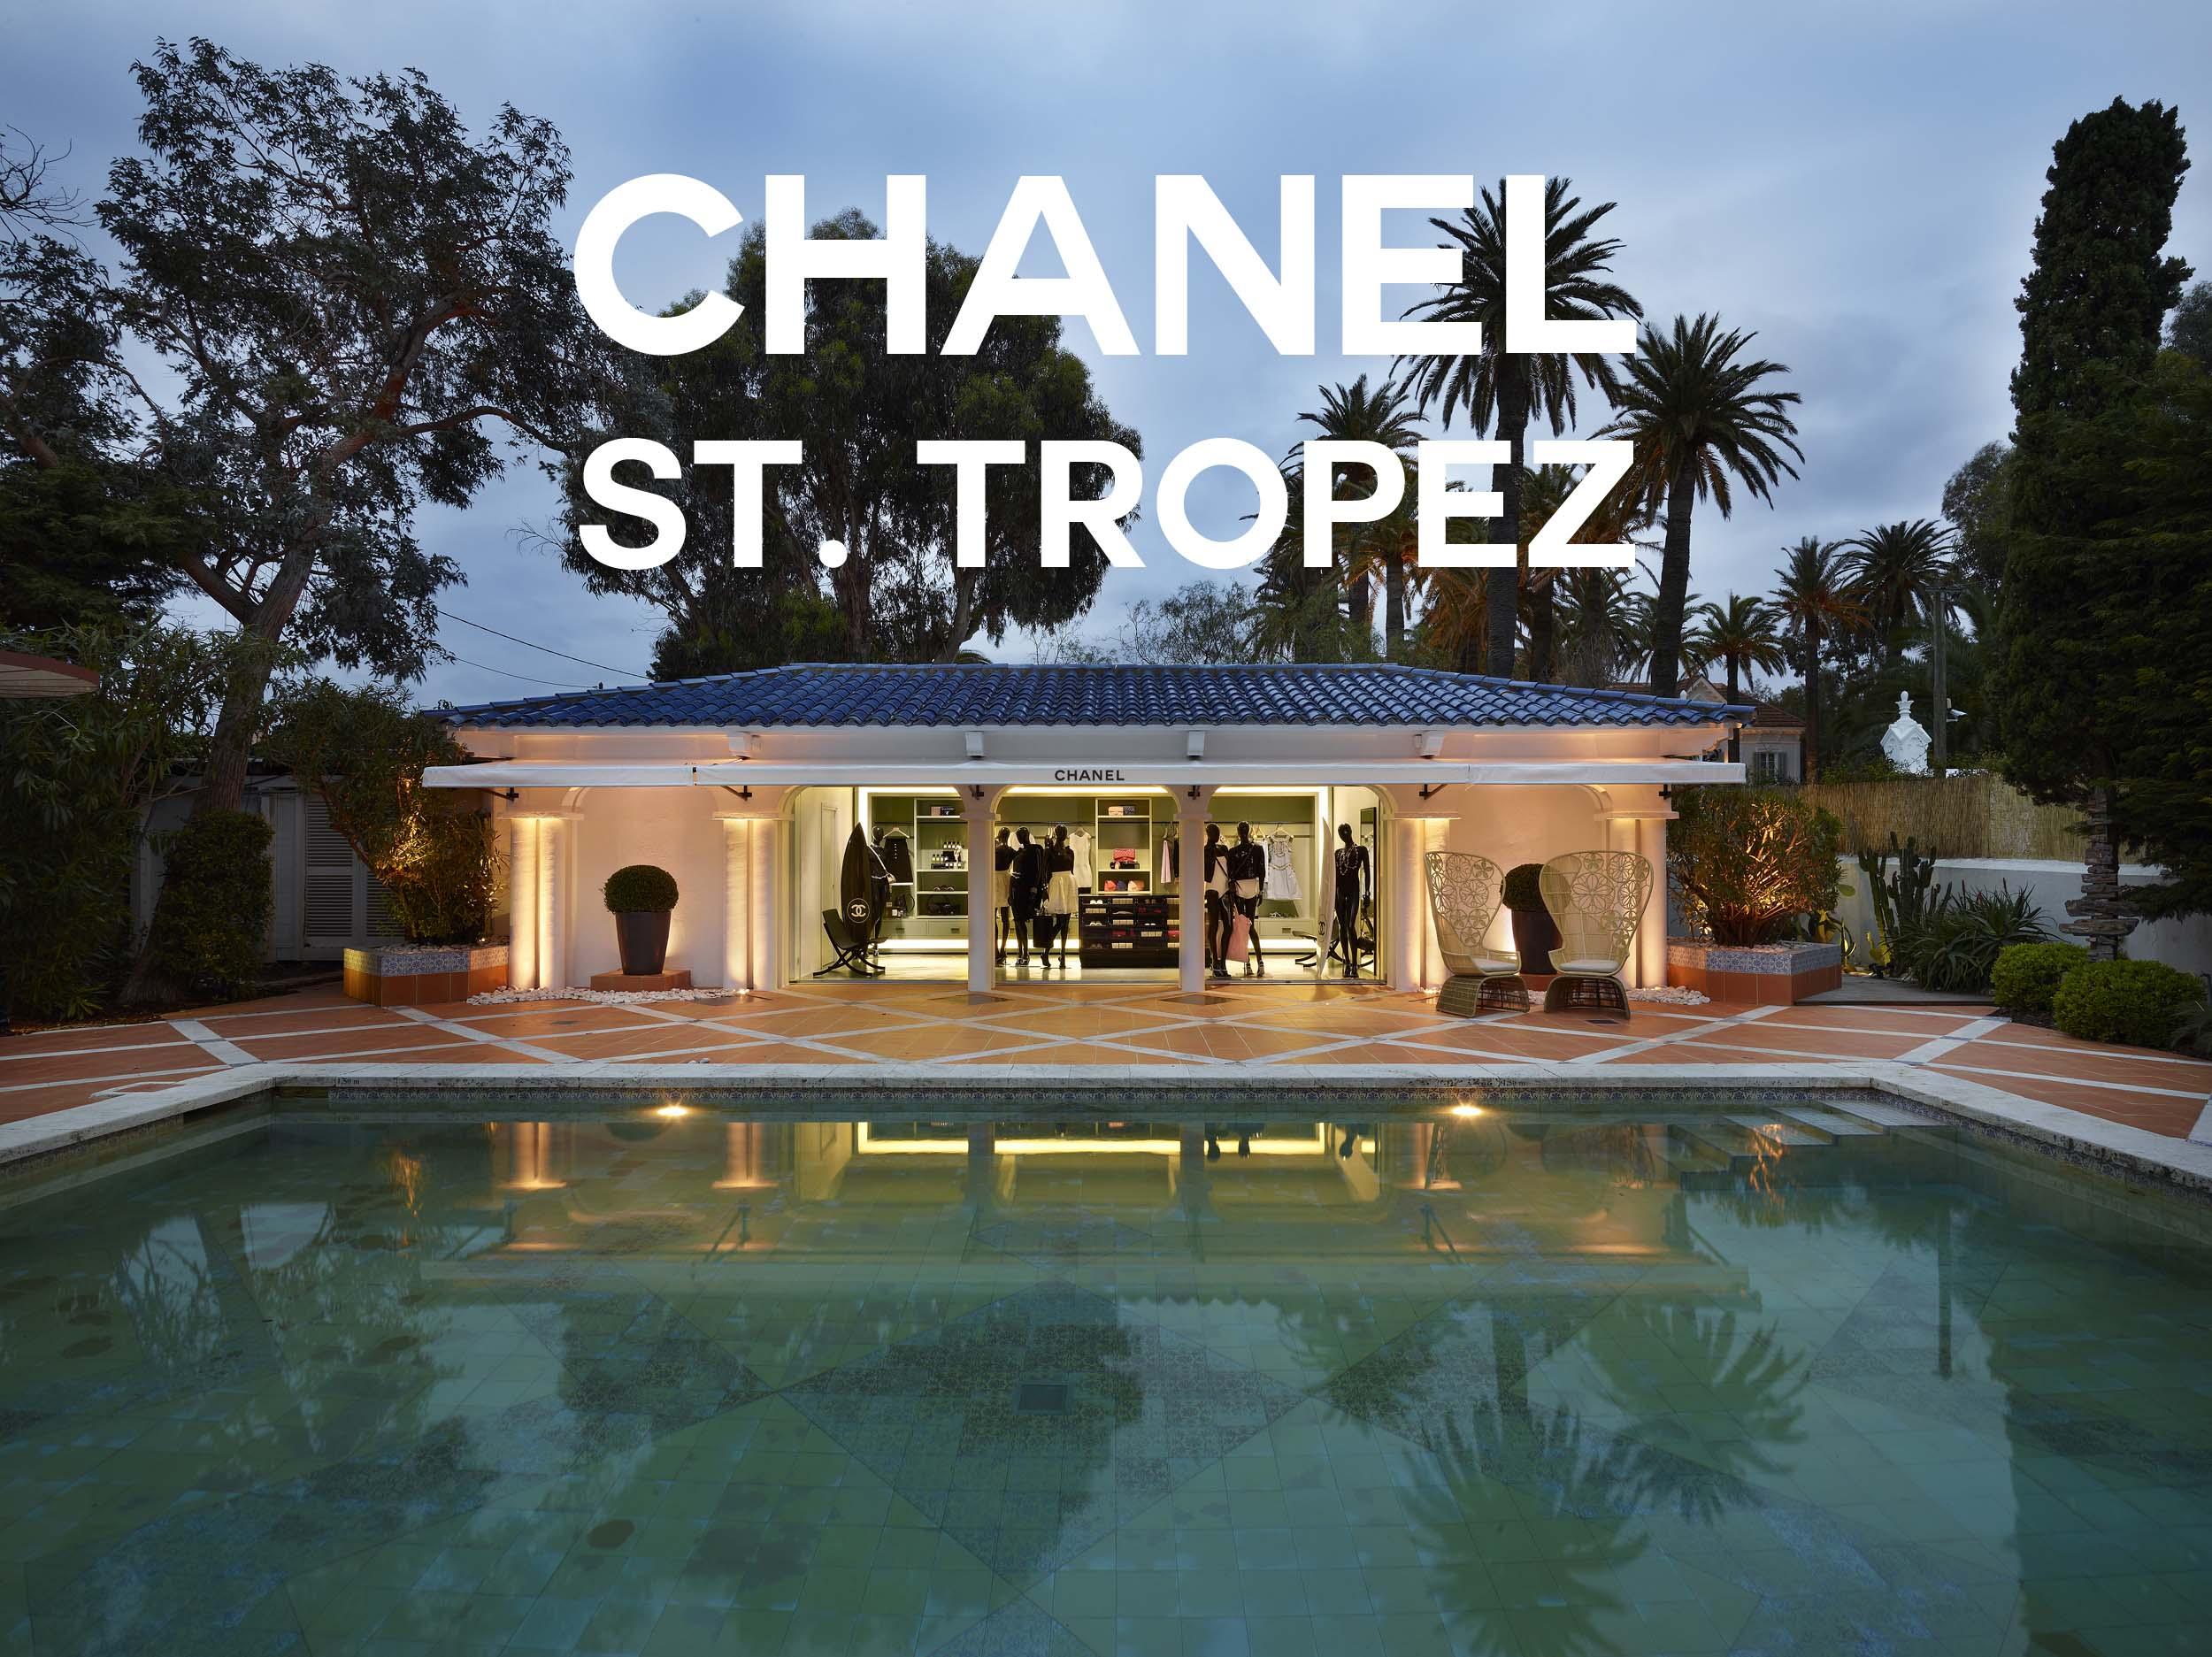 chanel pops up in st tropez alex loves. Black Bedroom Furniture Sets. Home Design Ideas